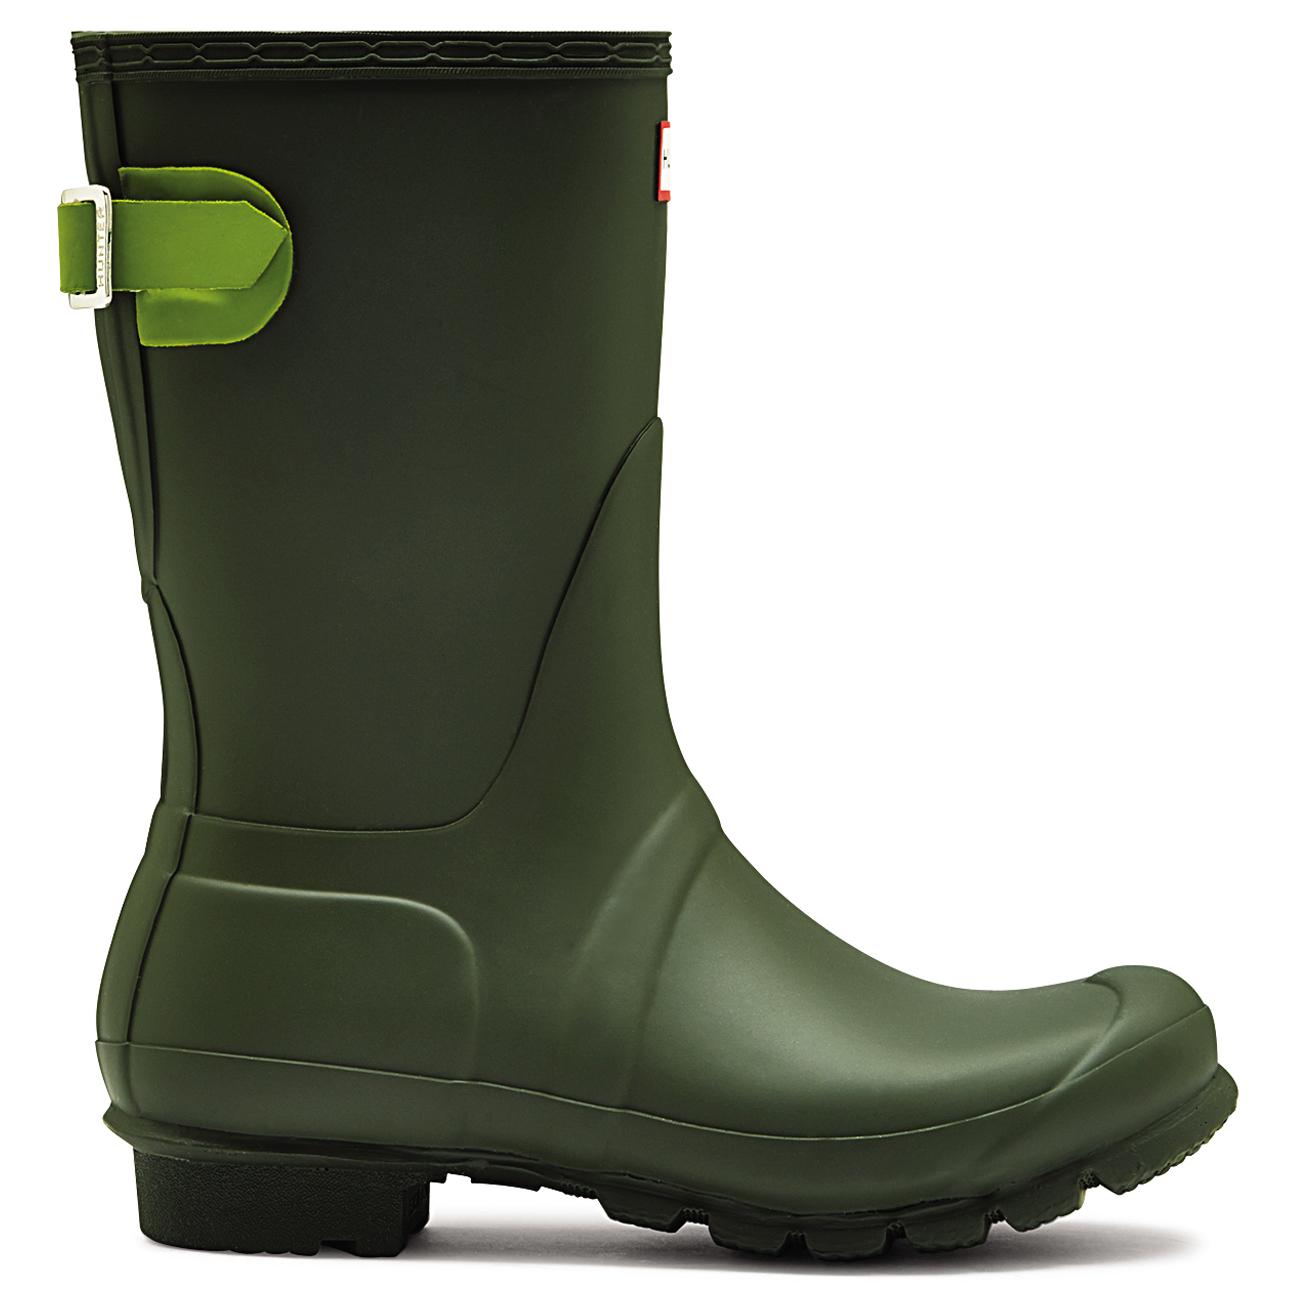 Brilliant Womens Hunter Original Tartan Tall Winter Rain Boots Snow Wellingtons US 5-11 | EBay